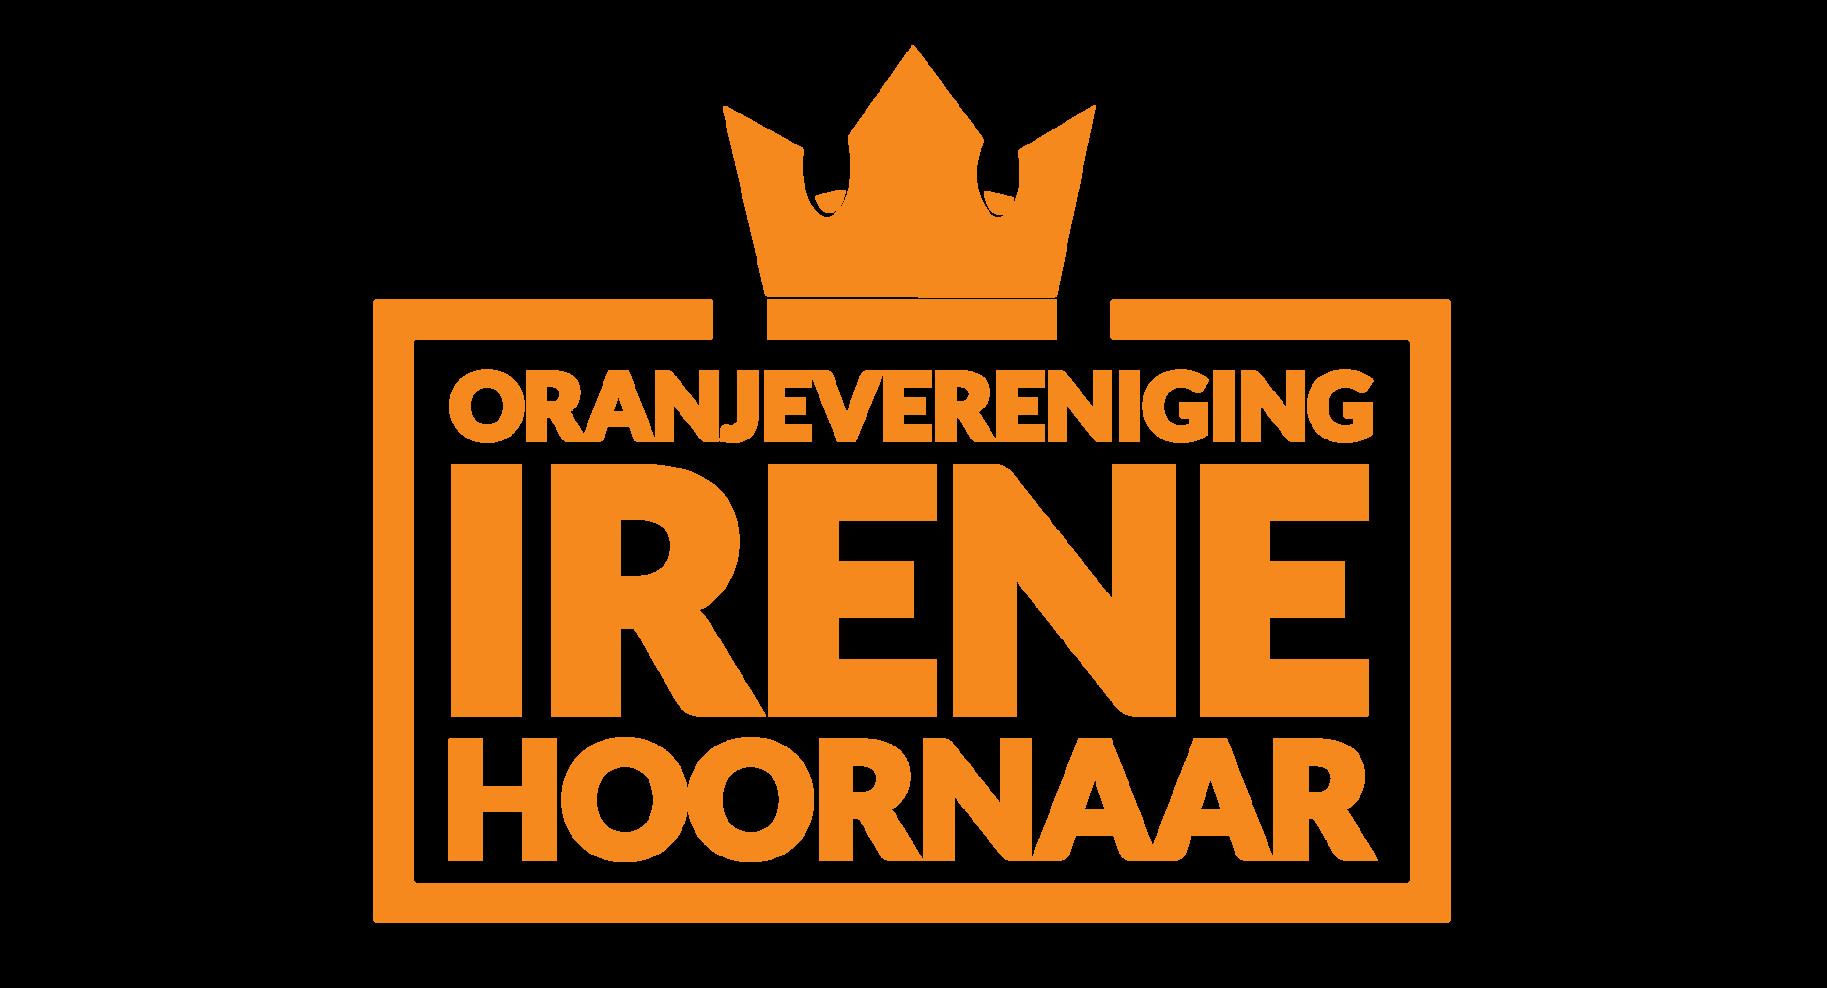 Oranjevereniging Irene Hoornaar